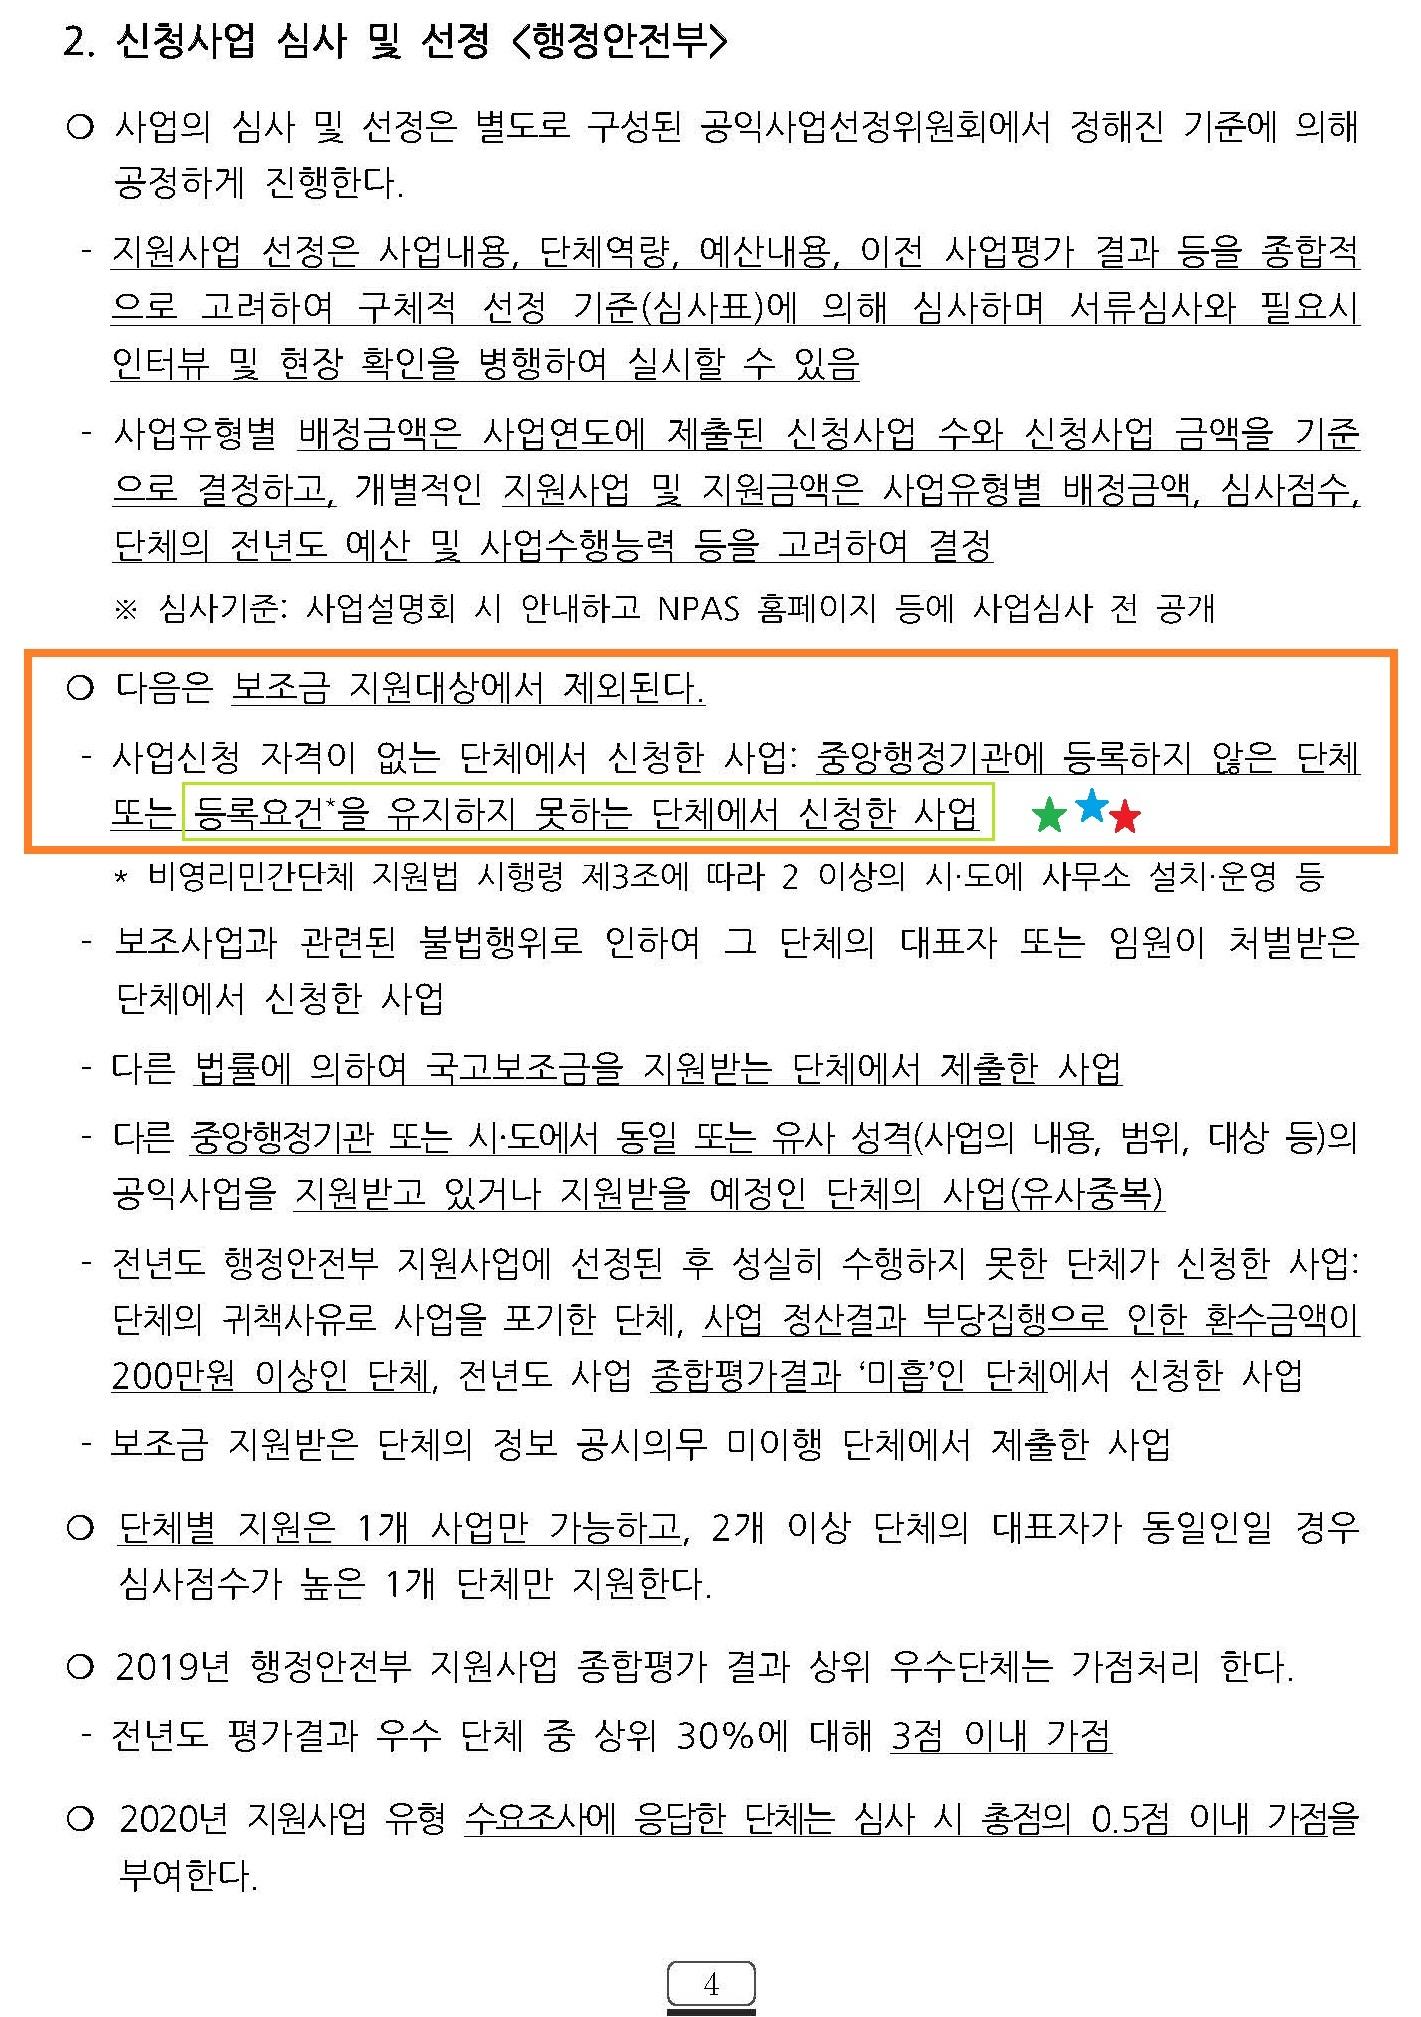 수정_2020년 비영리민간단체 공익활동 지원사업 집행지침_페이지_04.jpg